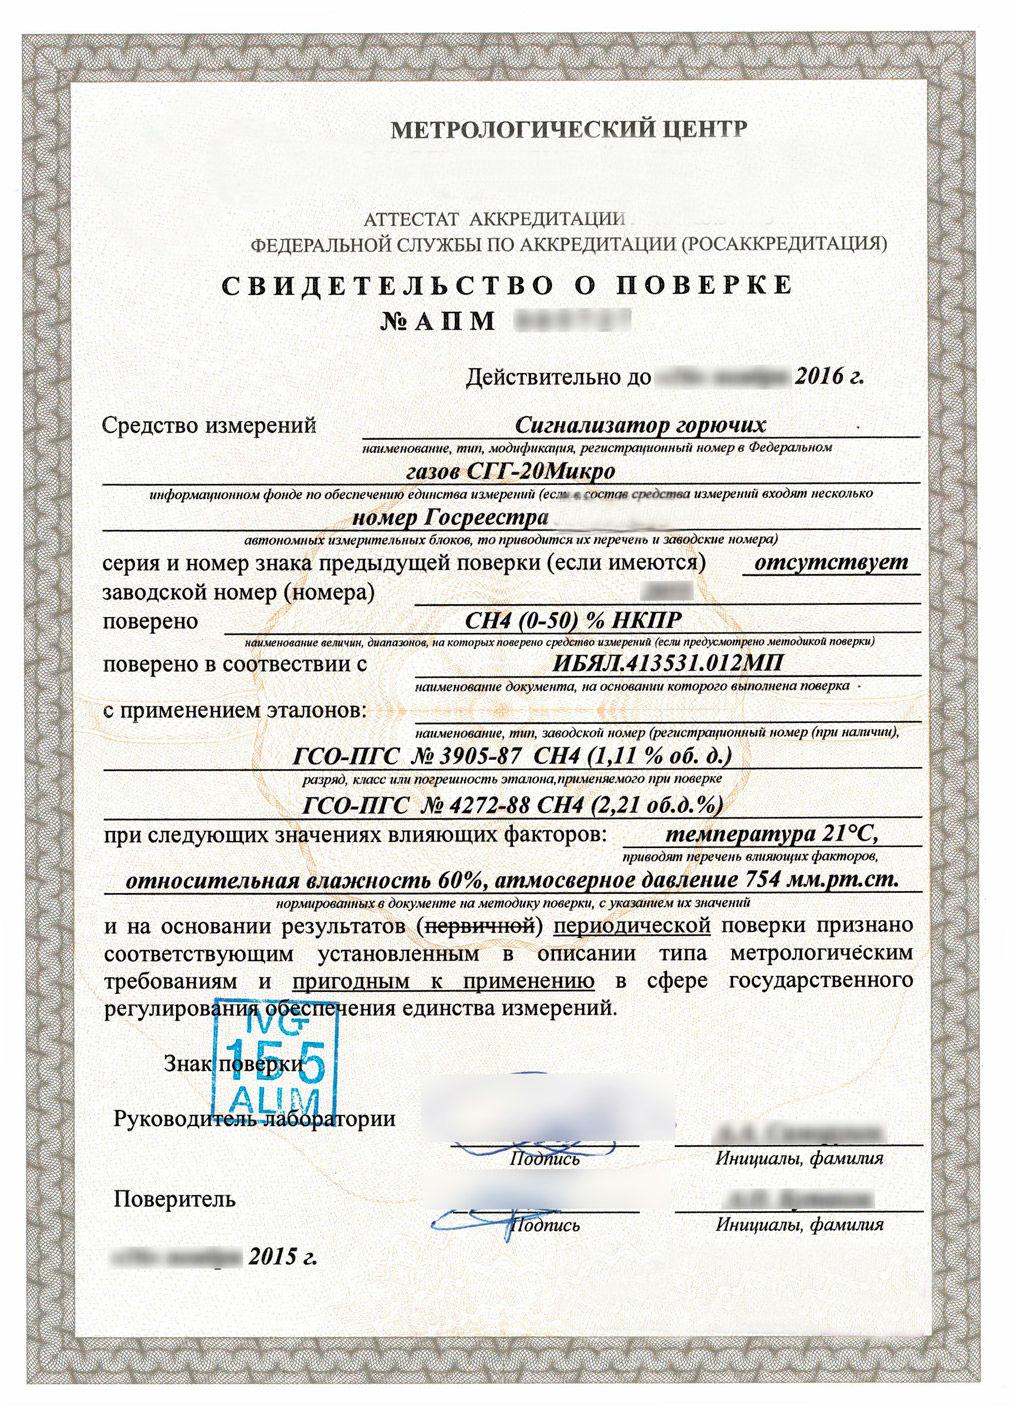 Поверка и сертификация средств измерения фильтры сертификация nsf